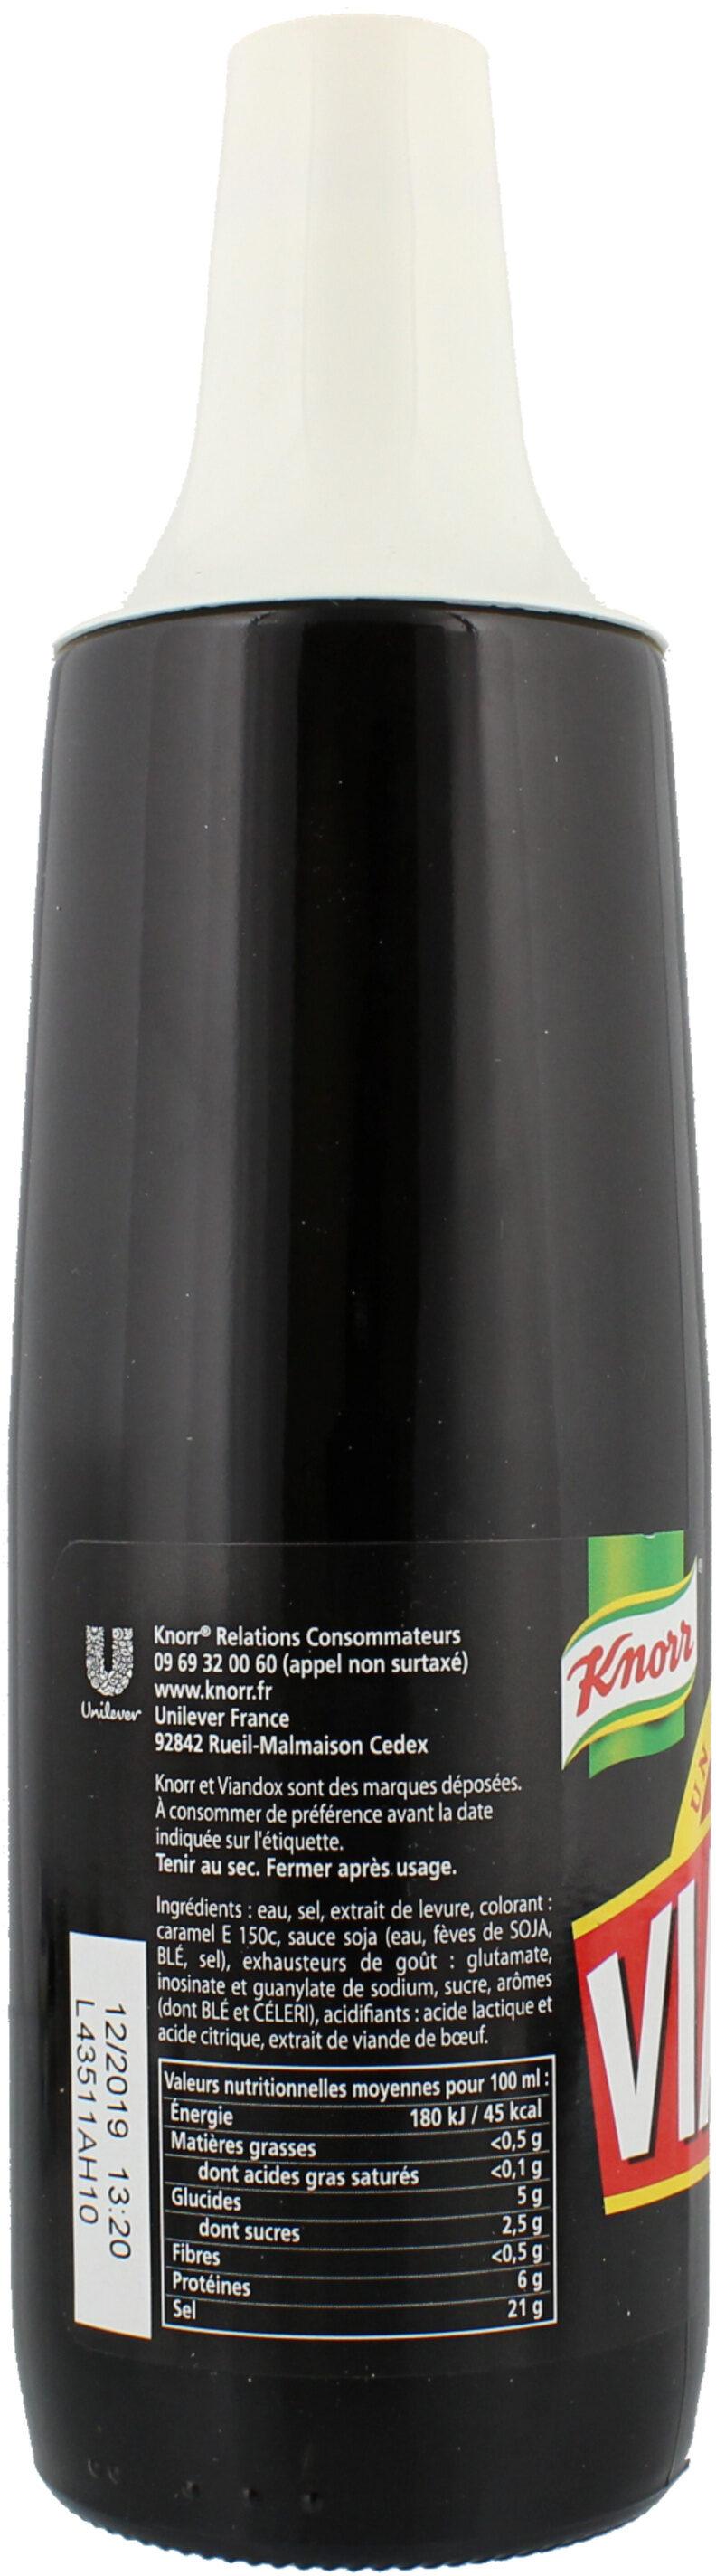 Knorr Viandox Assaisonnement Liquide 665ml - Nutrition facts